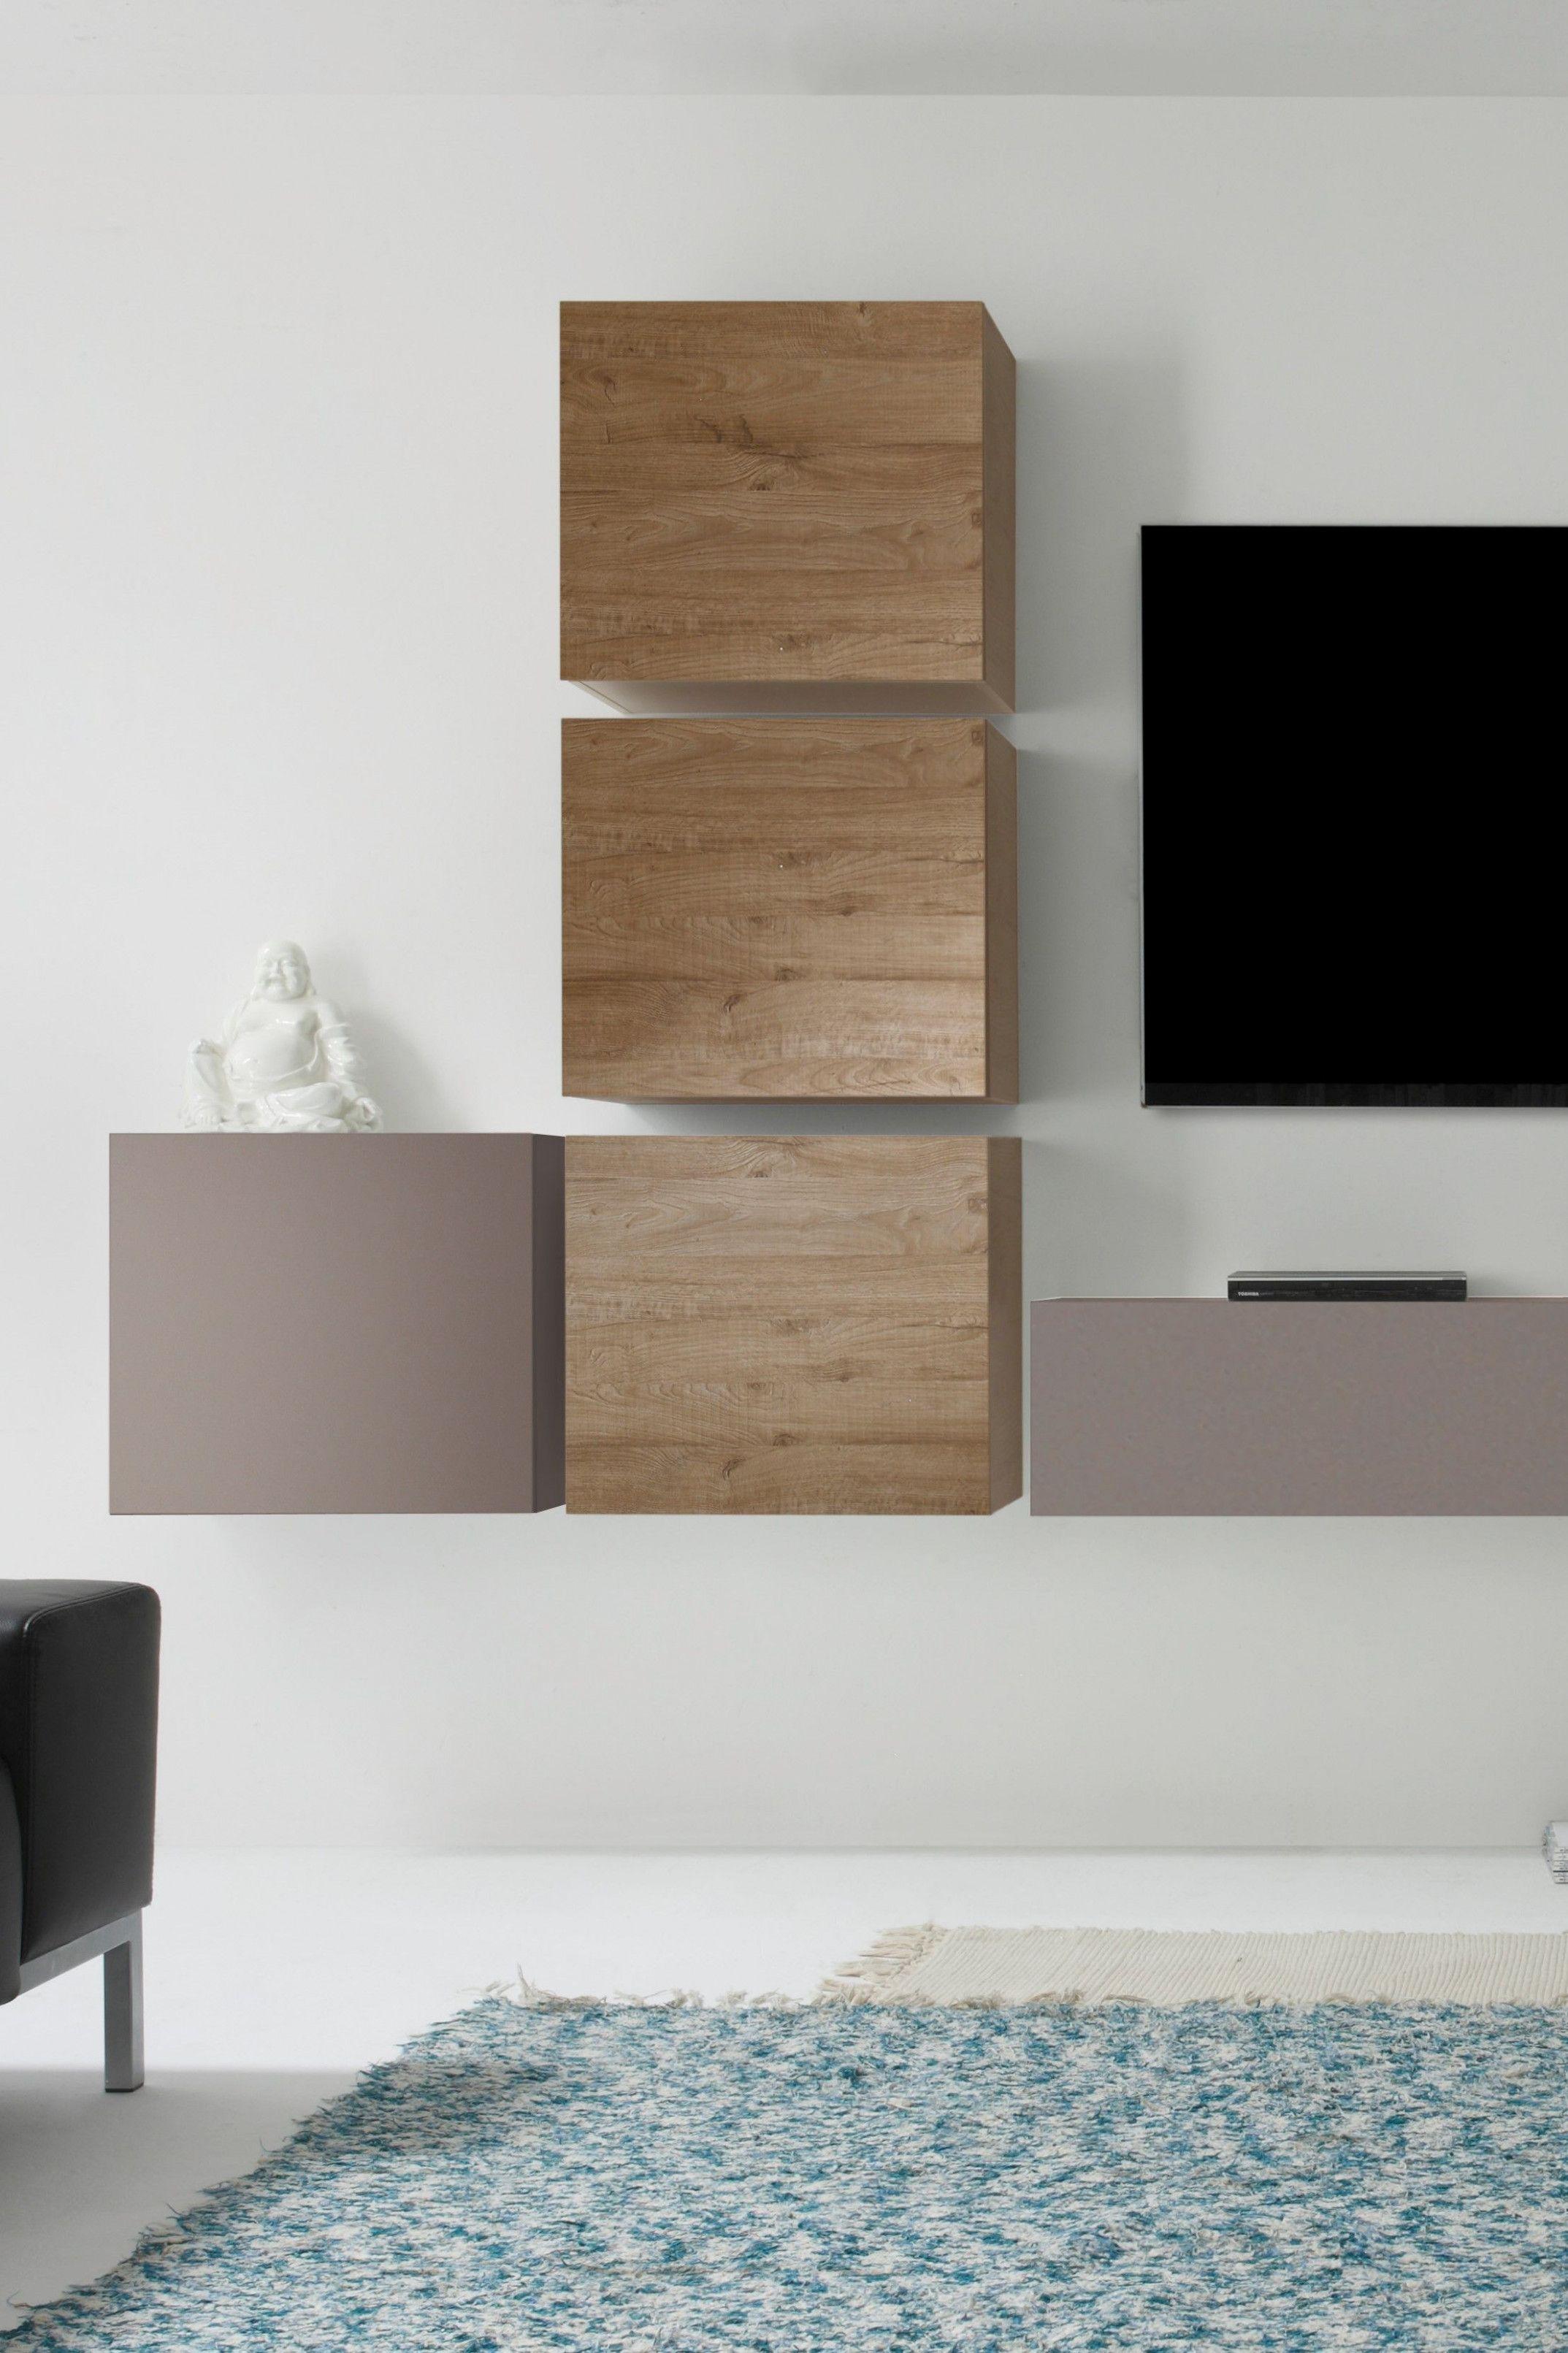 Wohnzimmer Schrankwand Design Wohnen Wohnzimmer Gestalten Schrankwand